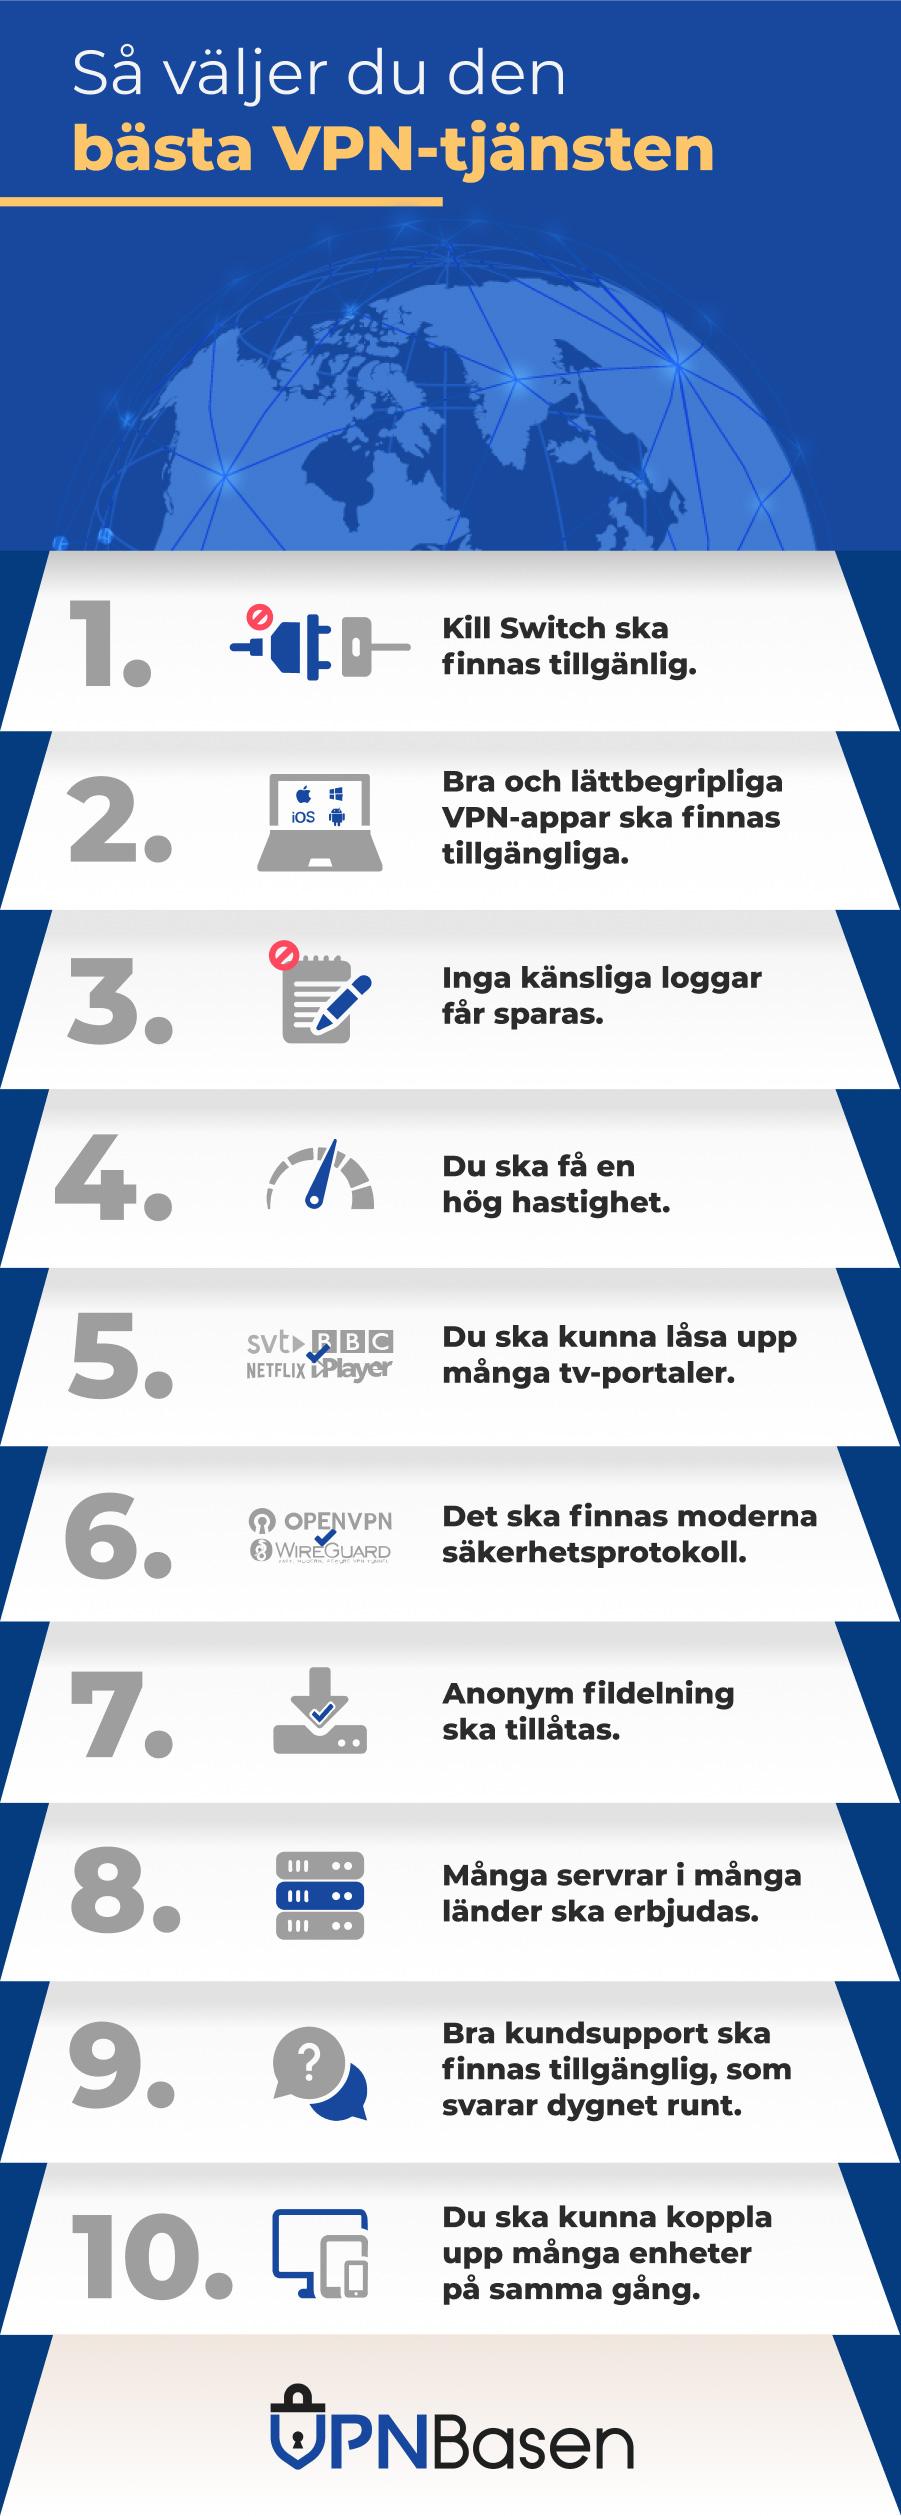 Faktorer for att hitta basta vpn infografik 1